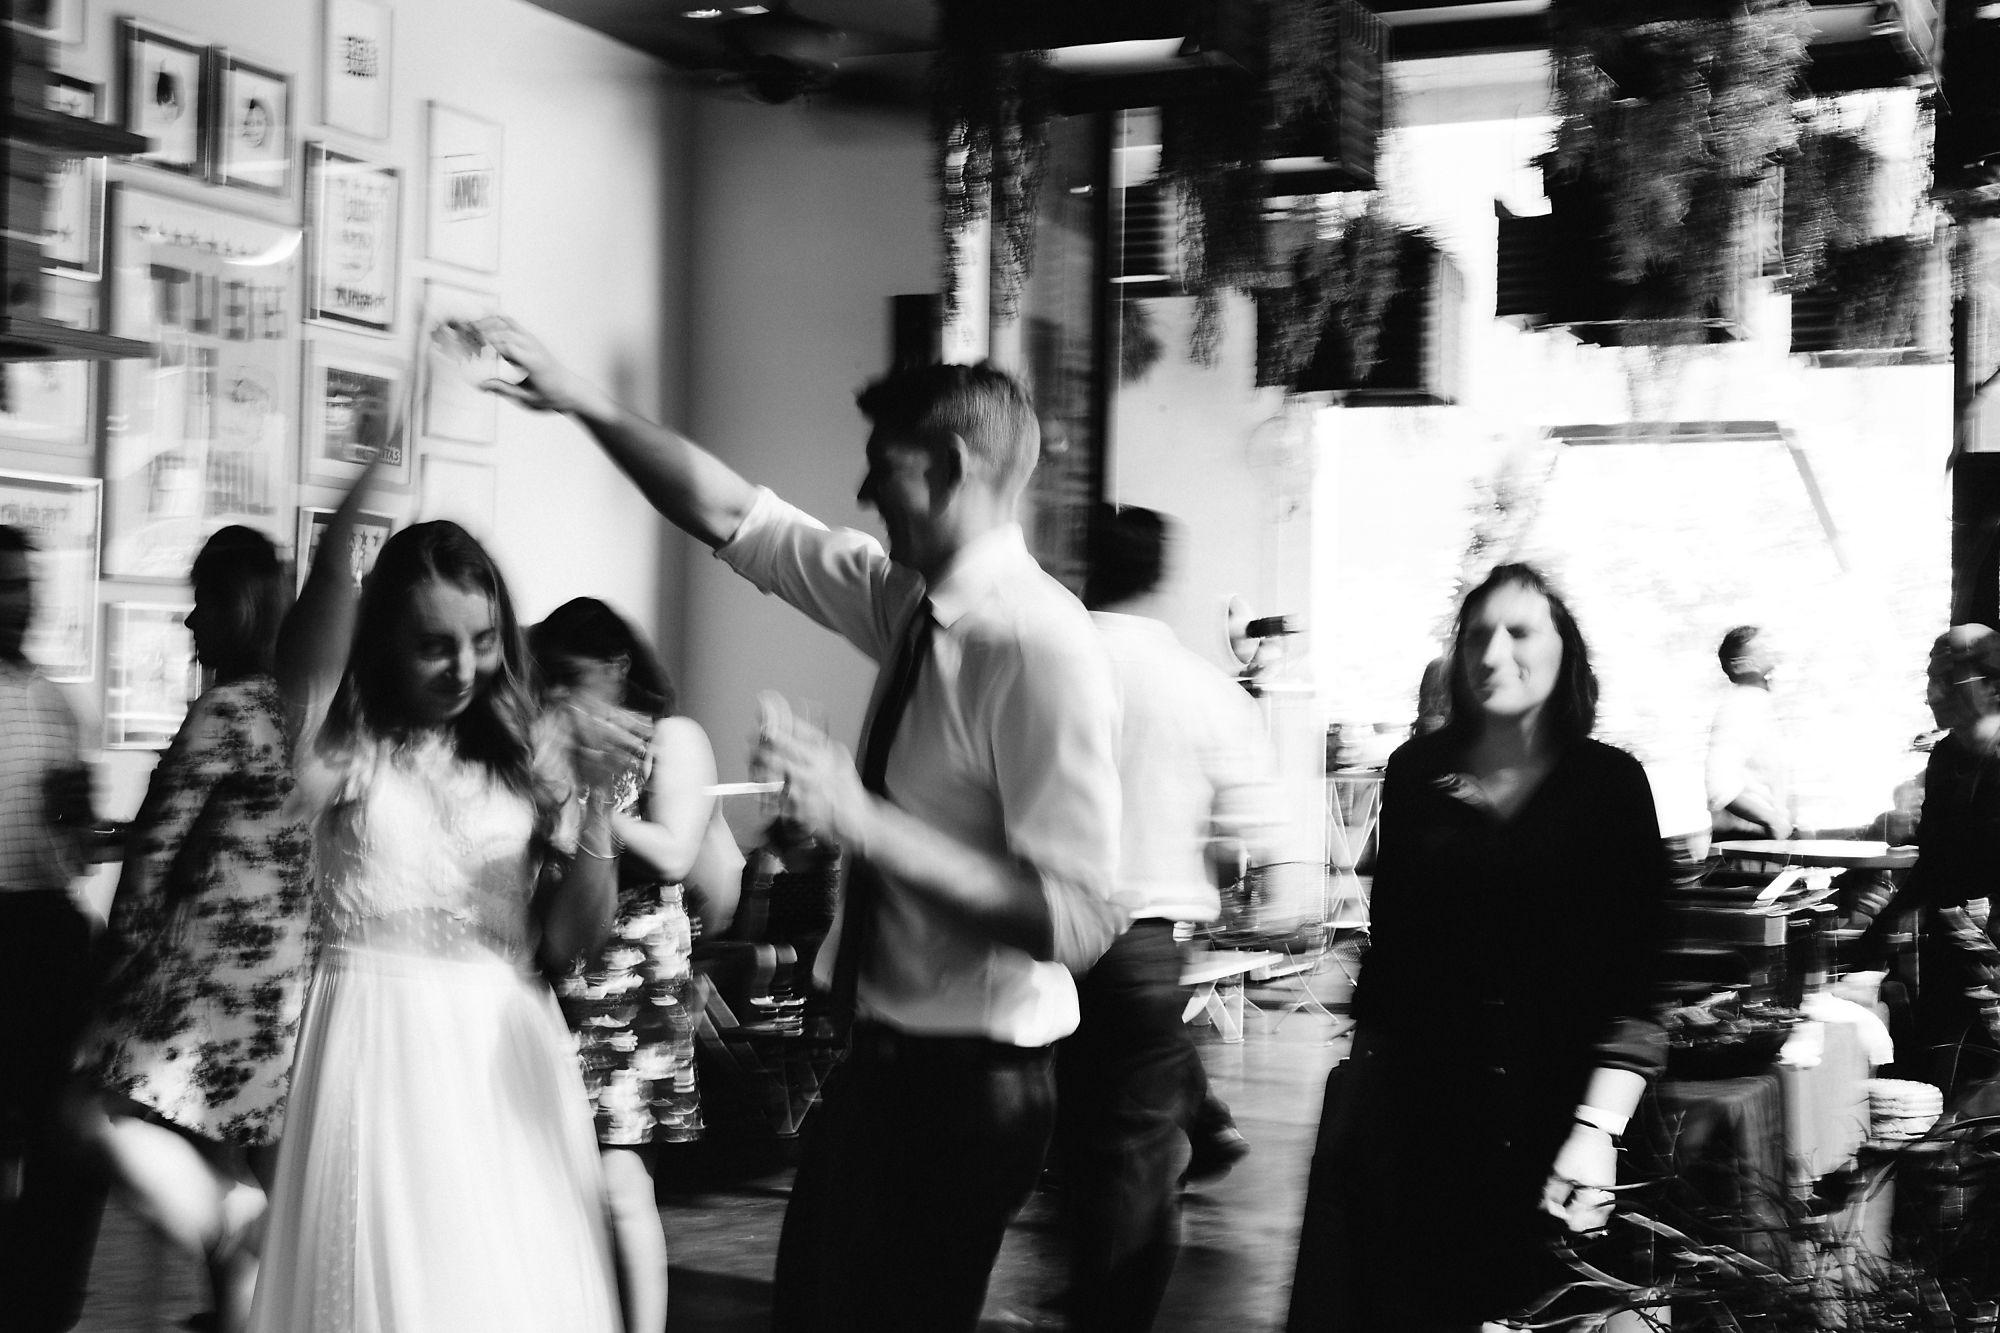 amber_cameron_malverde_wedding_photos143856.jpg